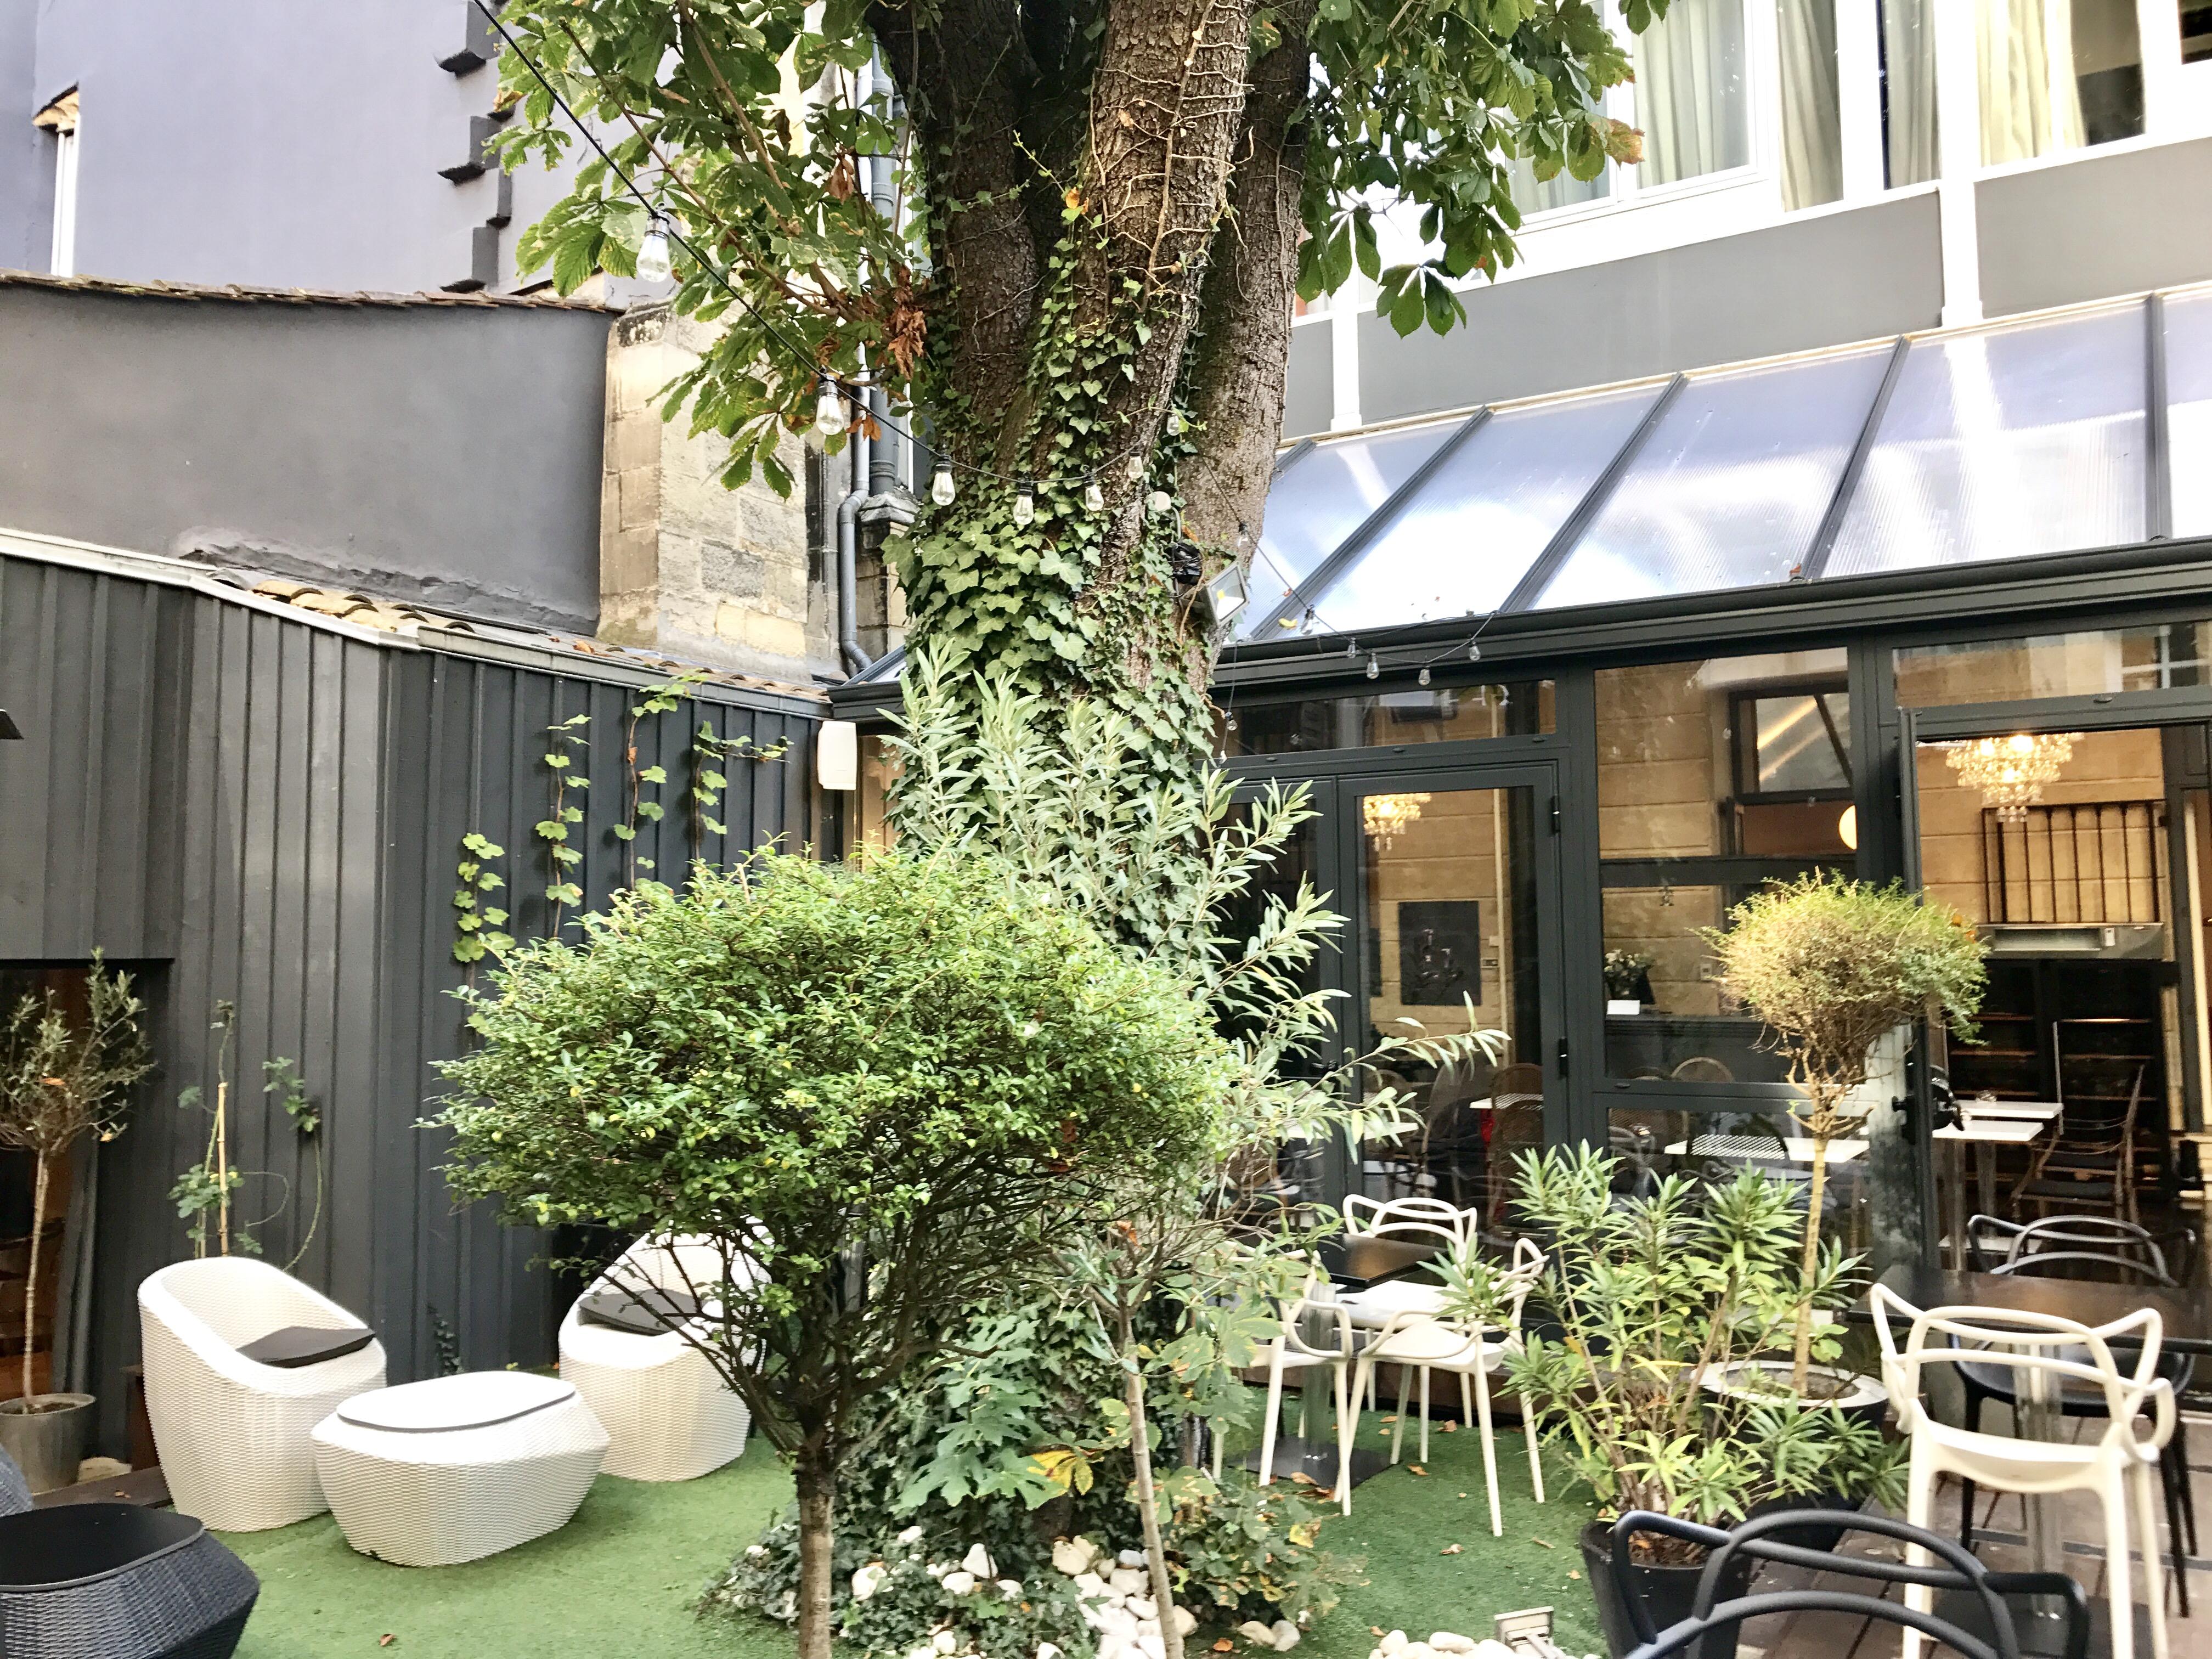 Le boutique hôtel Bordeaux, blog mode, camille benaroche, blog beauté, lifestyle, travels, mode, streetstyle, blog mode paris